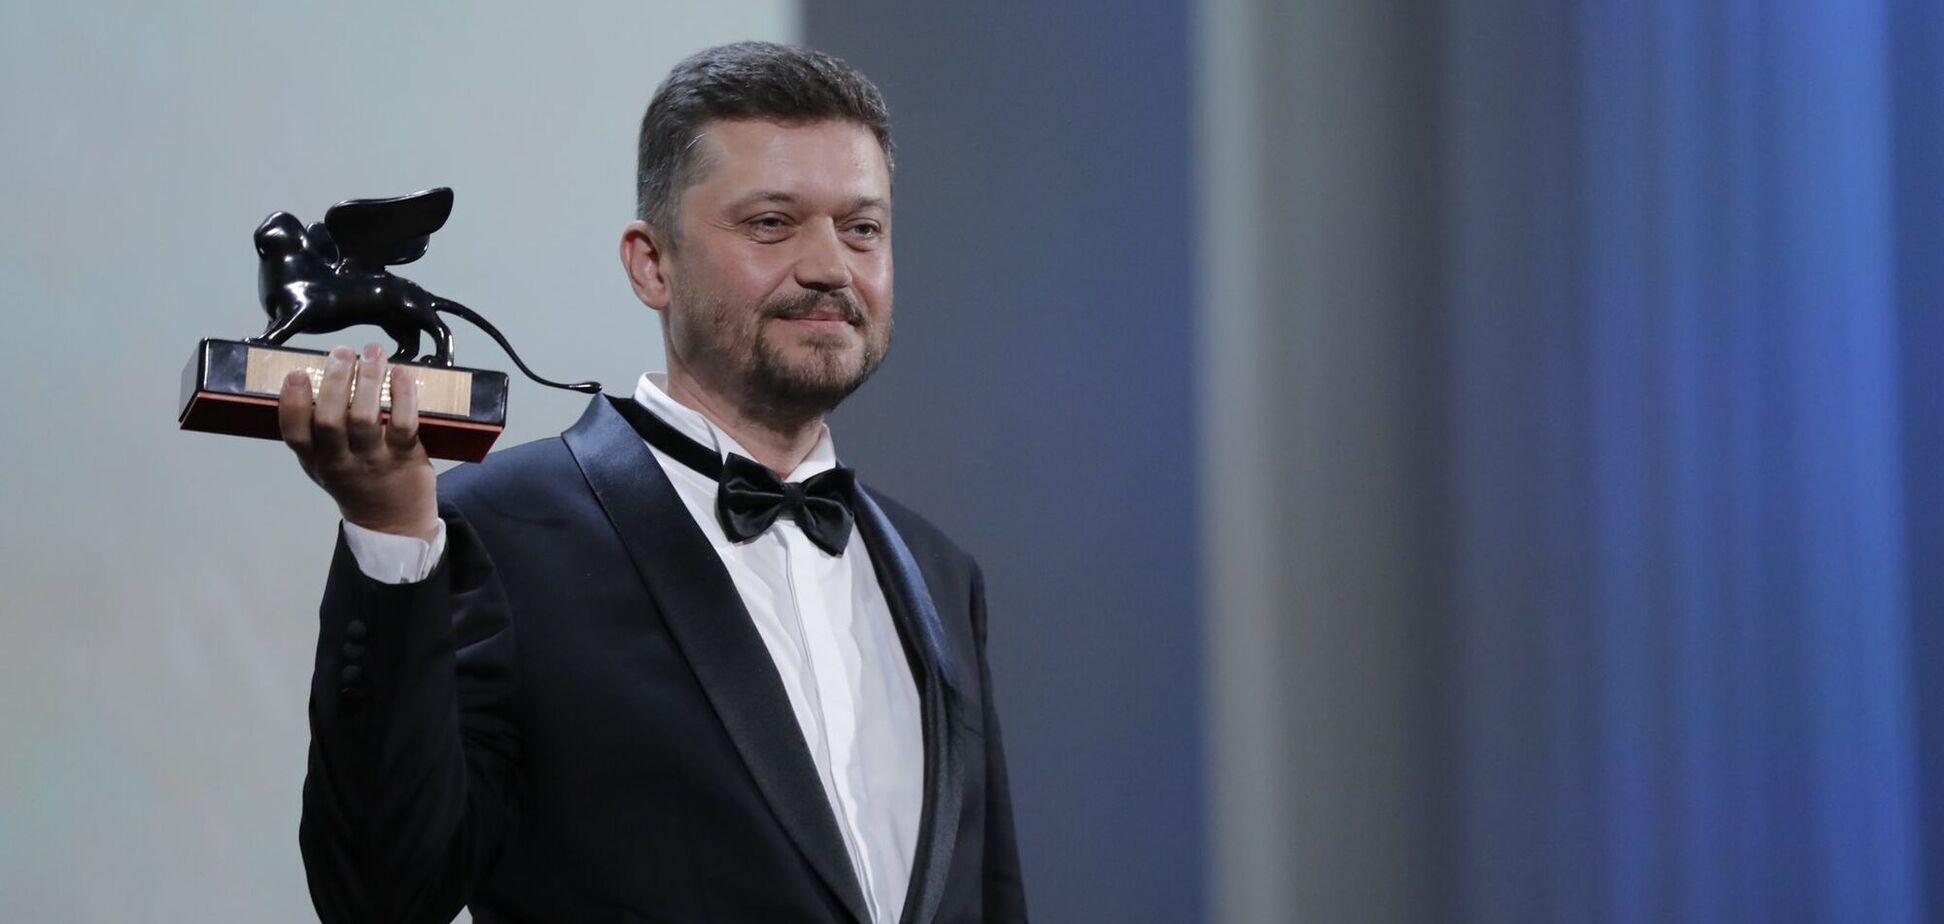 Режиссер фильма 'Атлантида' отказался от ордена, которым наградил его Зеленский: названа причина